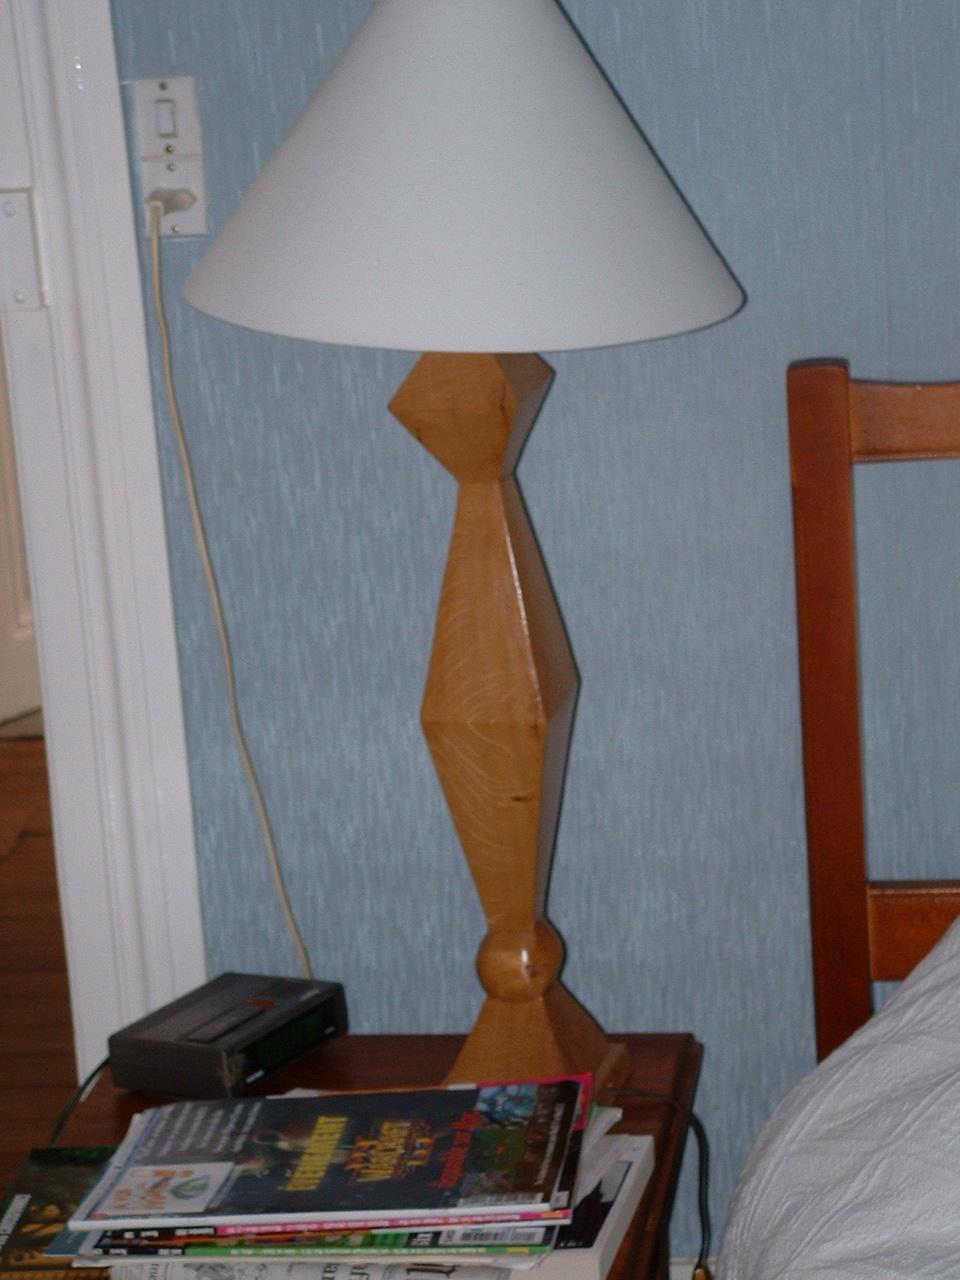 Pied de lampe 2006 70x15